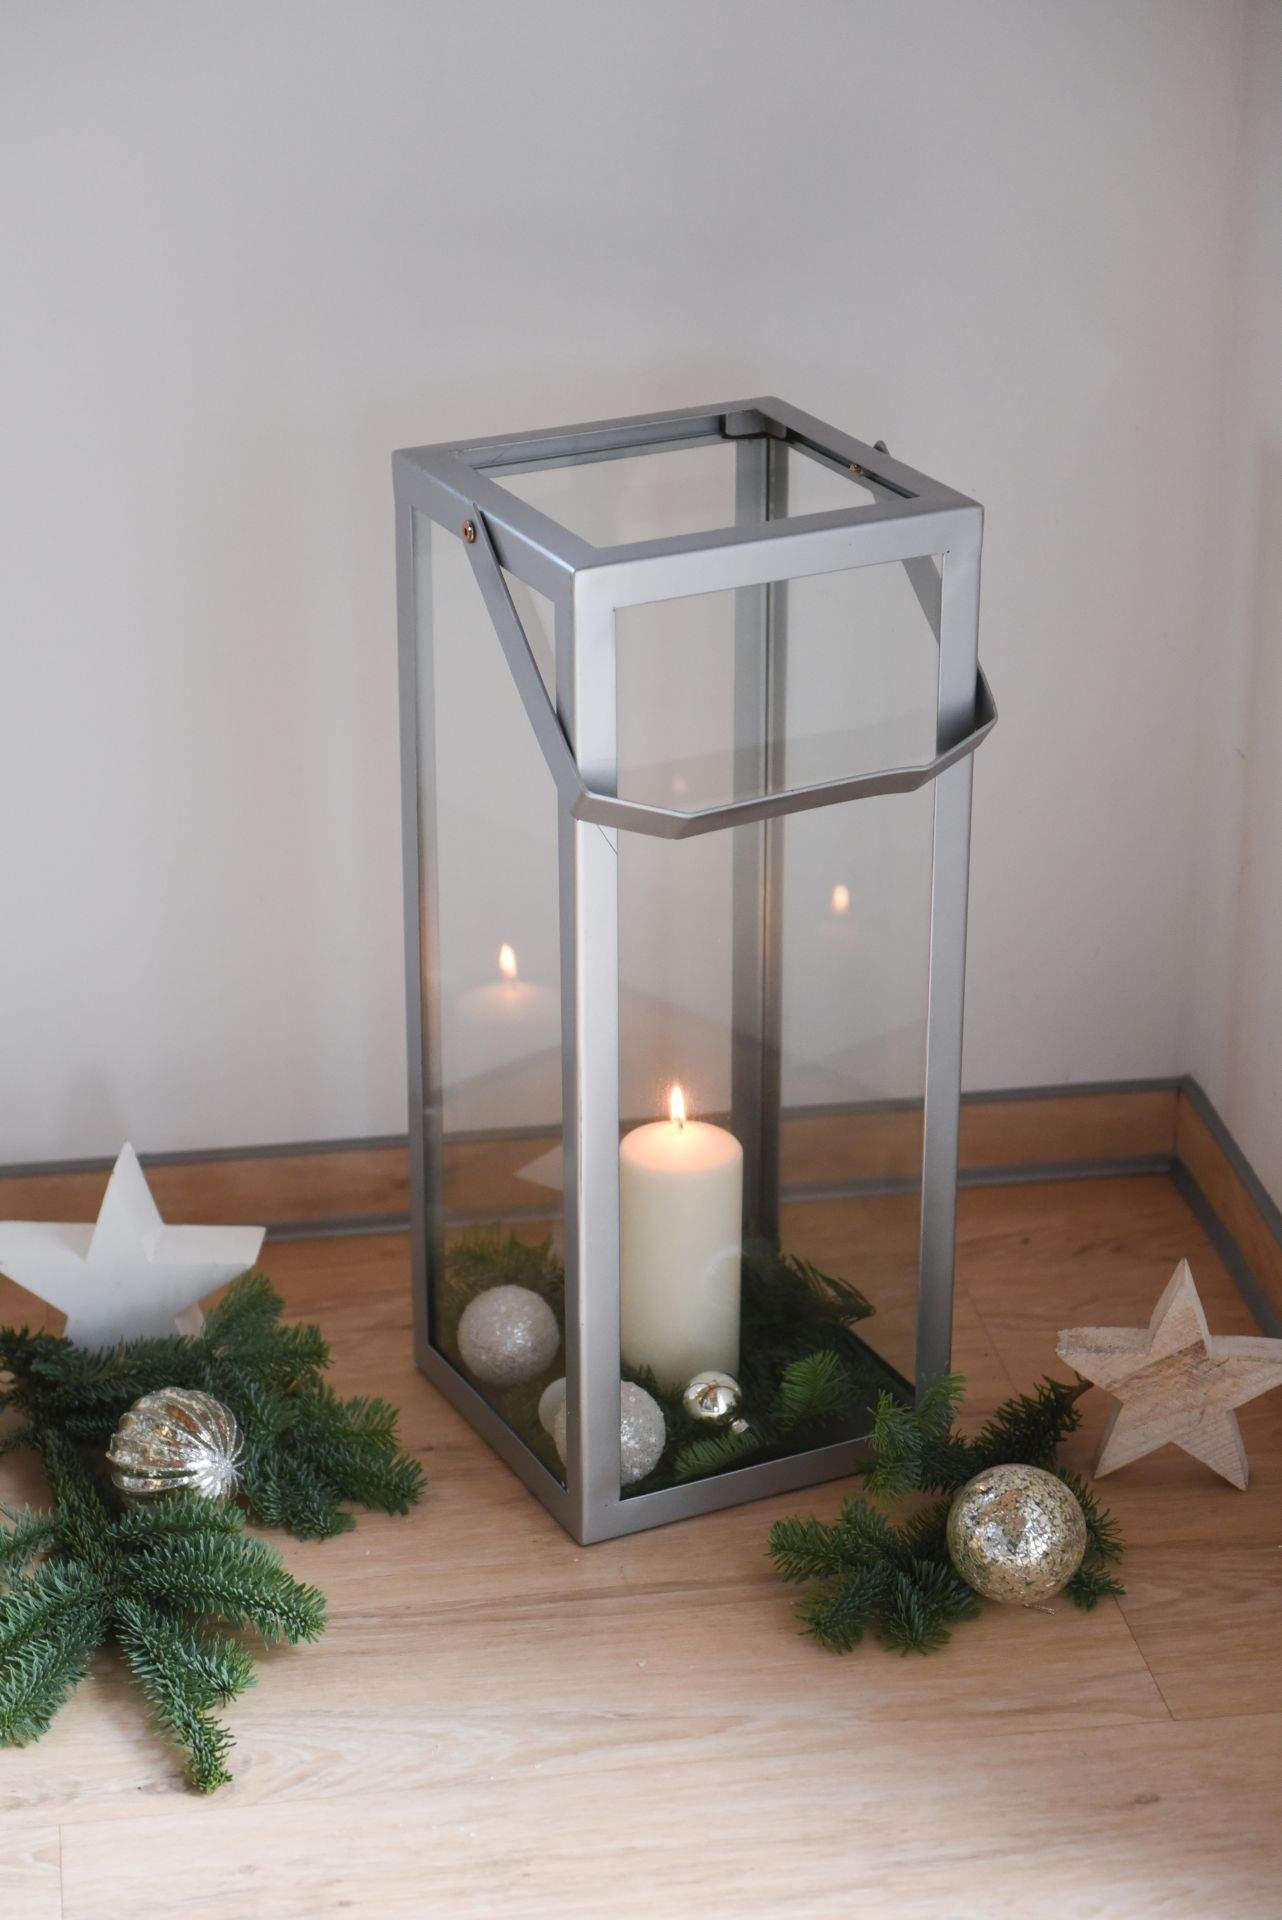 windlicht bodenwindlicht metall silber weihnachten arion 1